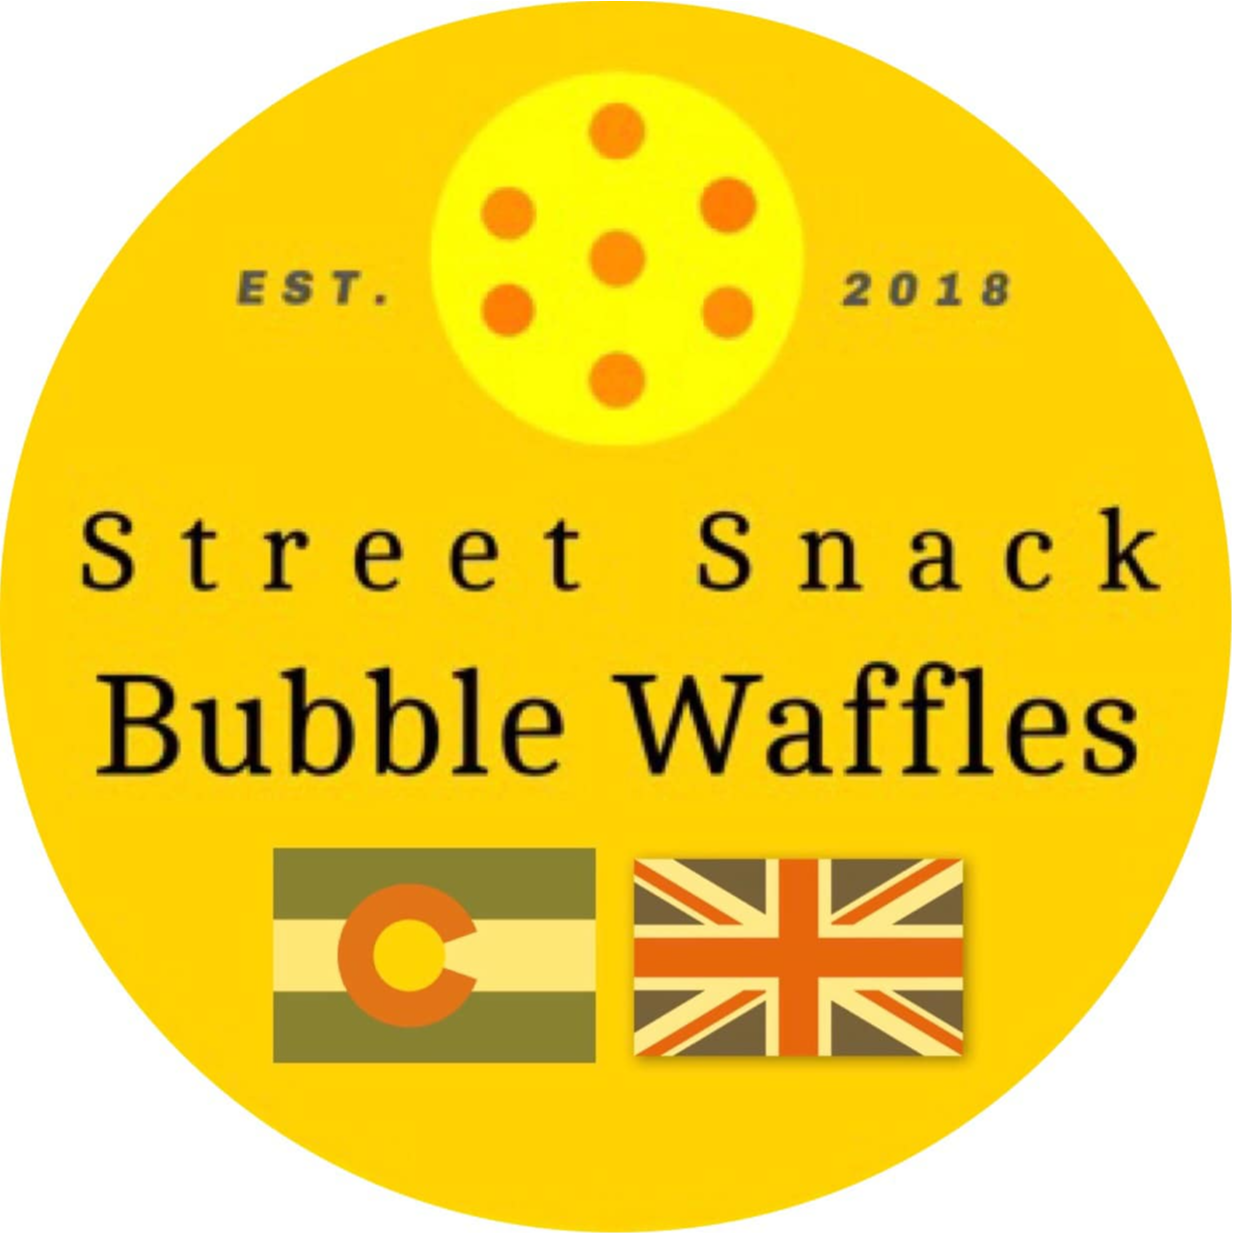 Street Snack Bubble Waffles logo